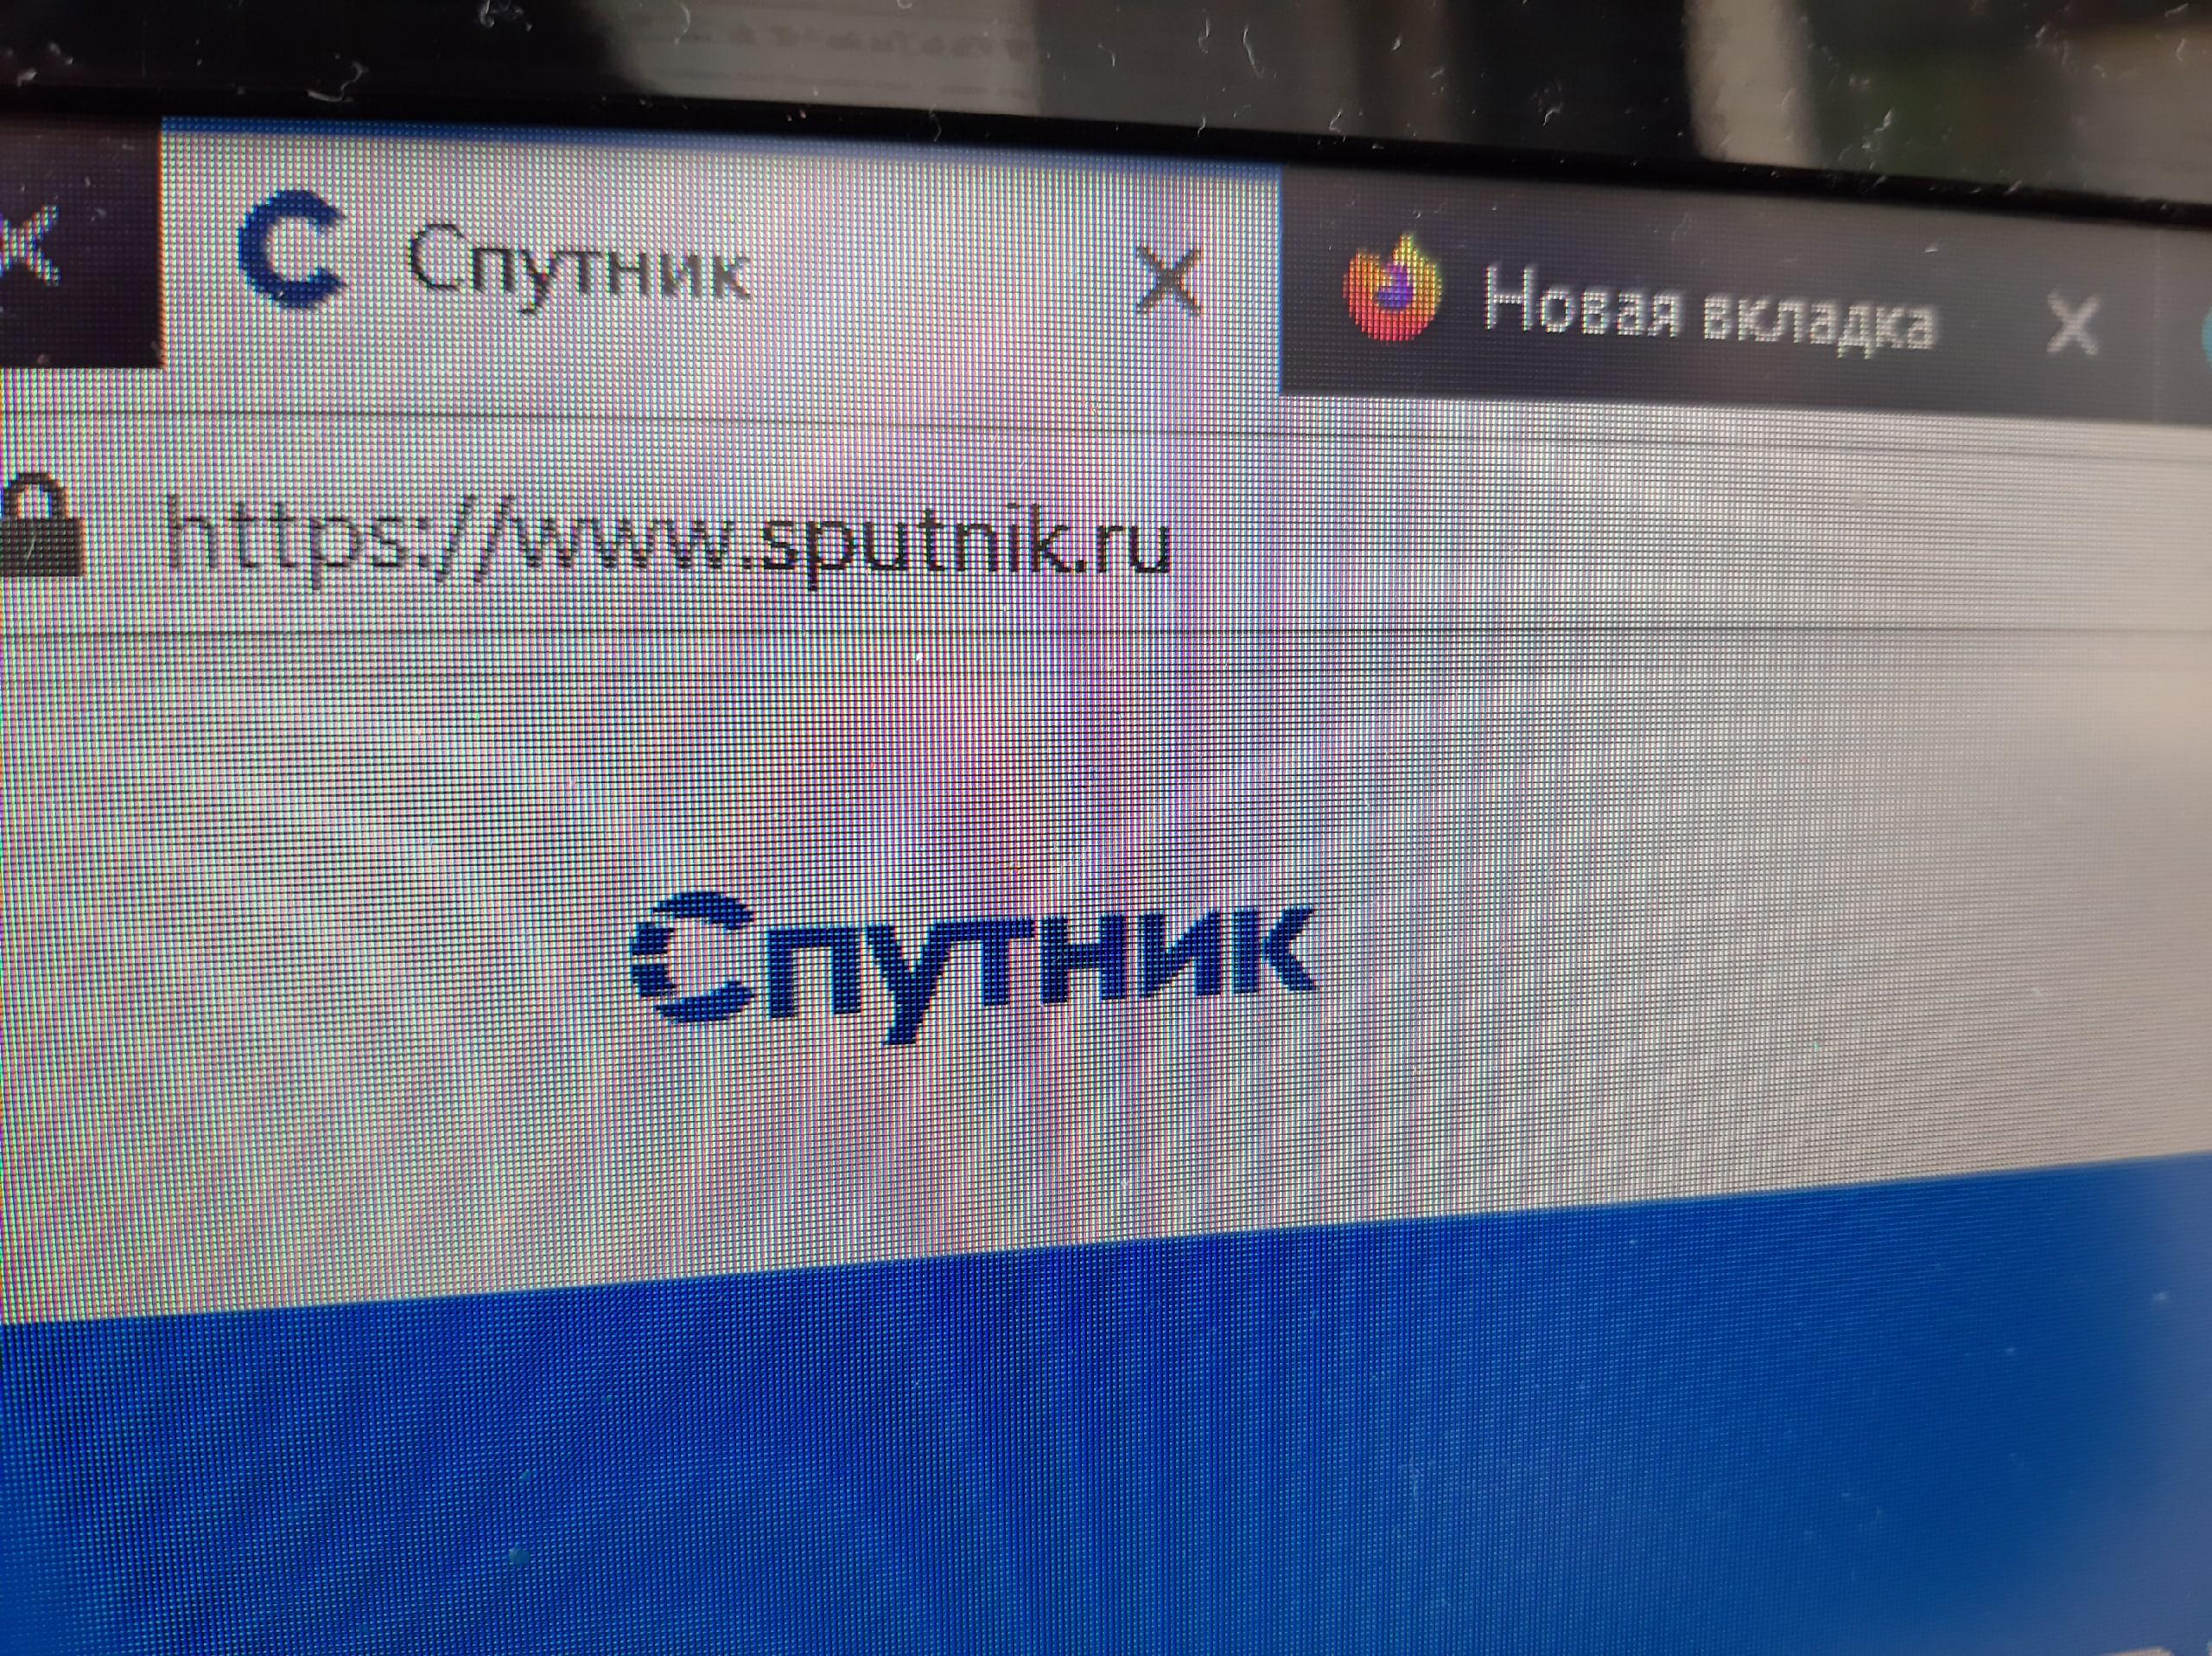 """""""Ростелеком"""" закрыл национальную поисковую систему """"Спутник"""""""